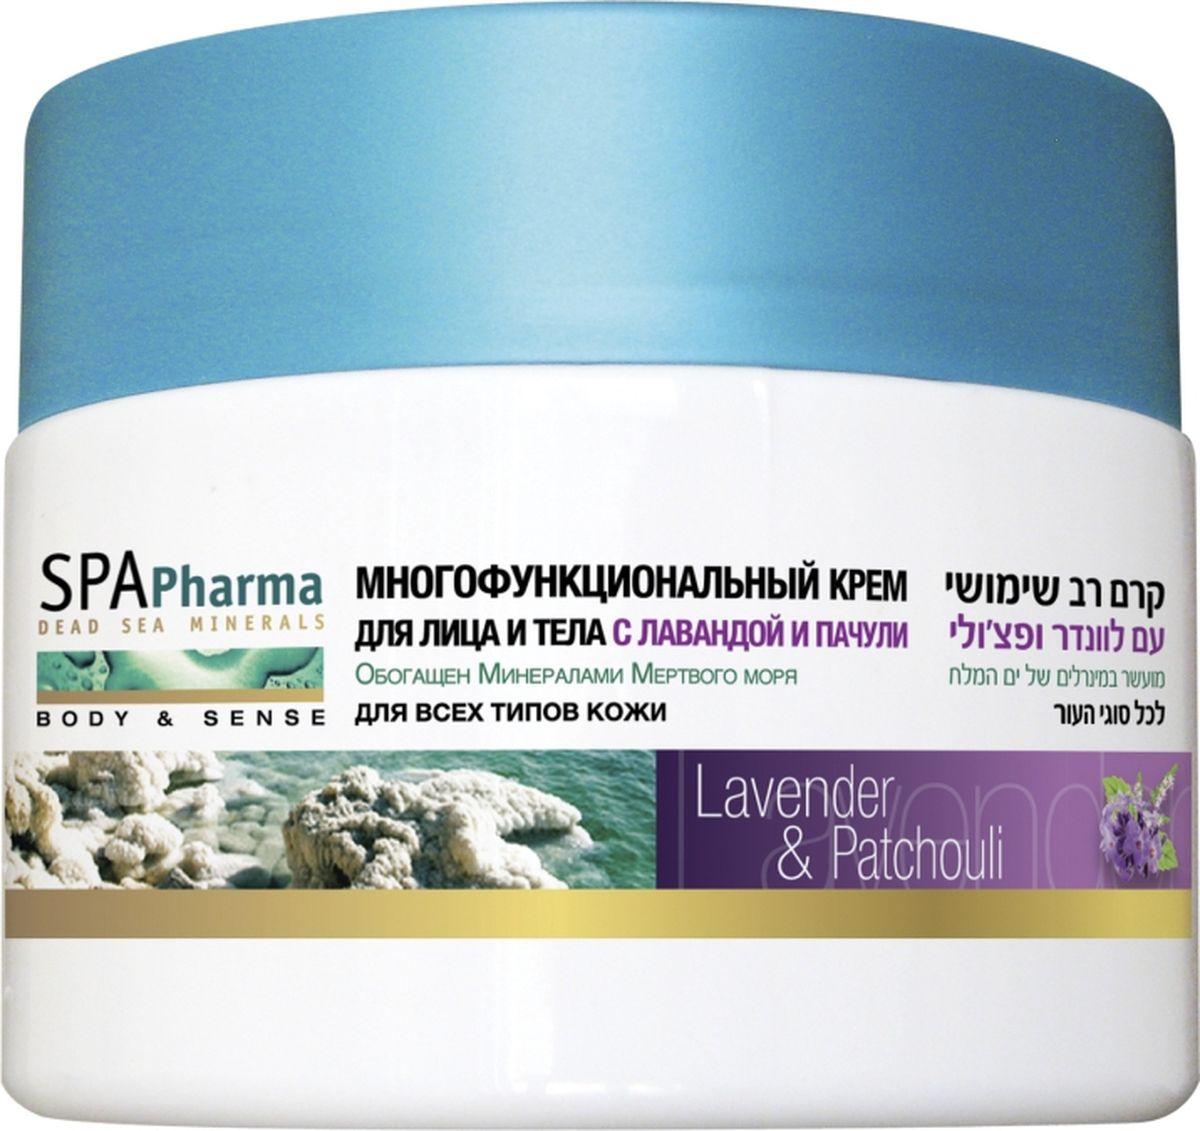 Spa Pharma Многофункциональный крем для лица и тела с лавандой и пачули, Spa Pharma 350 млFS-008973 в 1: успокаивает, омолаживает и питает даже глубокие слои эпидермиса.Масло лаванды обладает восстанавливающим и противоаллергенными эффектом, а масло пачули омолаживает кожу и делает ее более упругой. Густой жирный крем для лица и тела подходит всей семье, любому типу кожи.